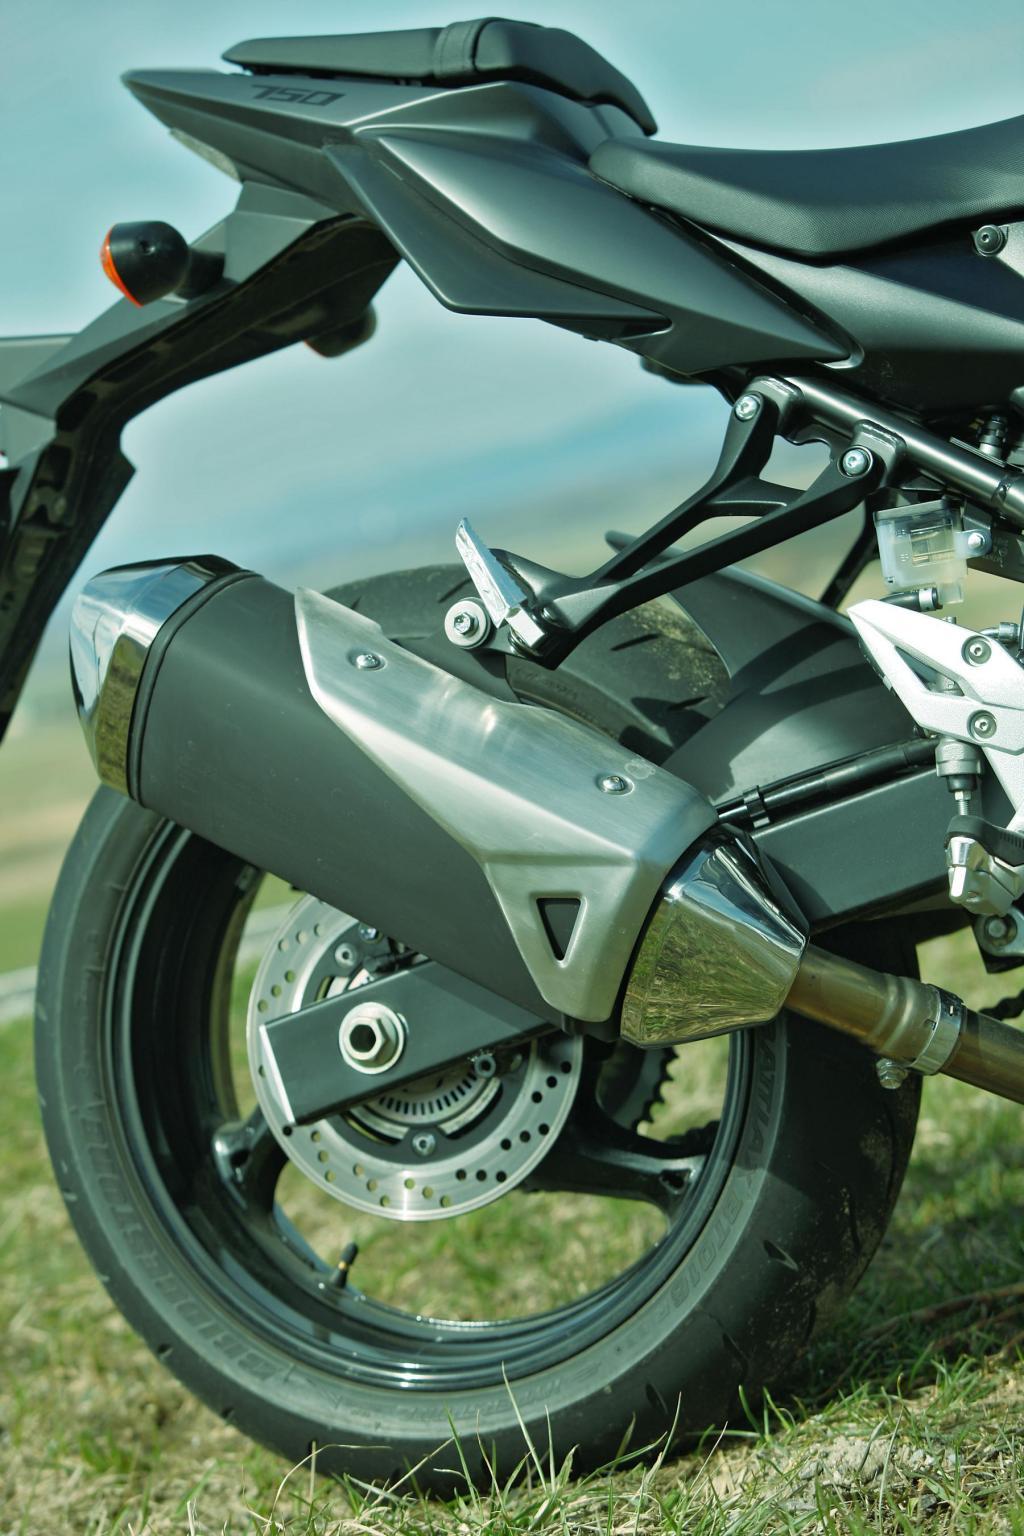 http://www.motorrad-bilder.at/slideshows/291/009681/brutale800-gsr750-2013-38.jpg